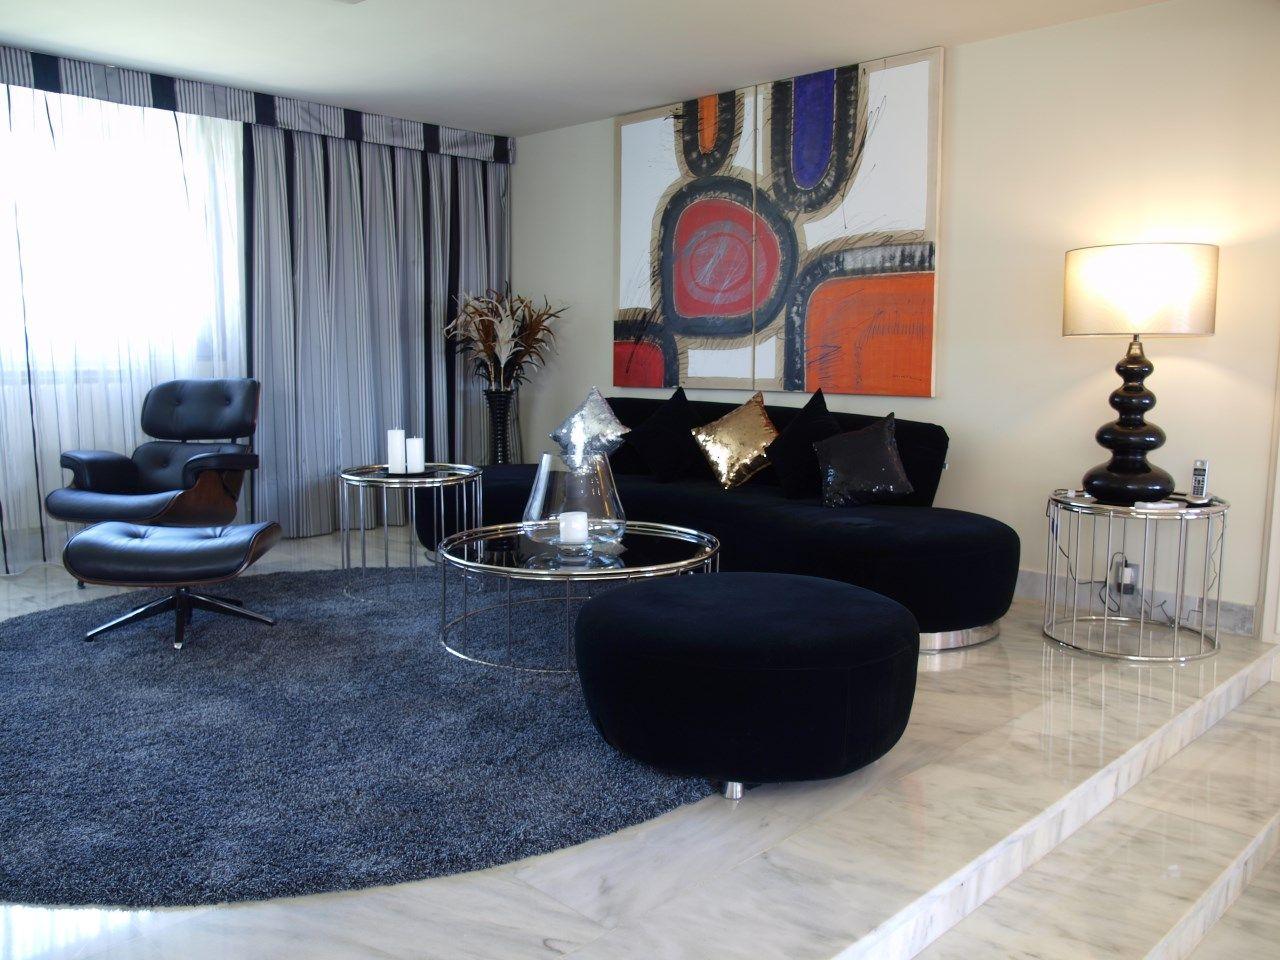 Elegante sal n de dise o minimalista moderno en tonos blanco negro combinaci n de sencillez y - Salon minimalista moderno ...